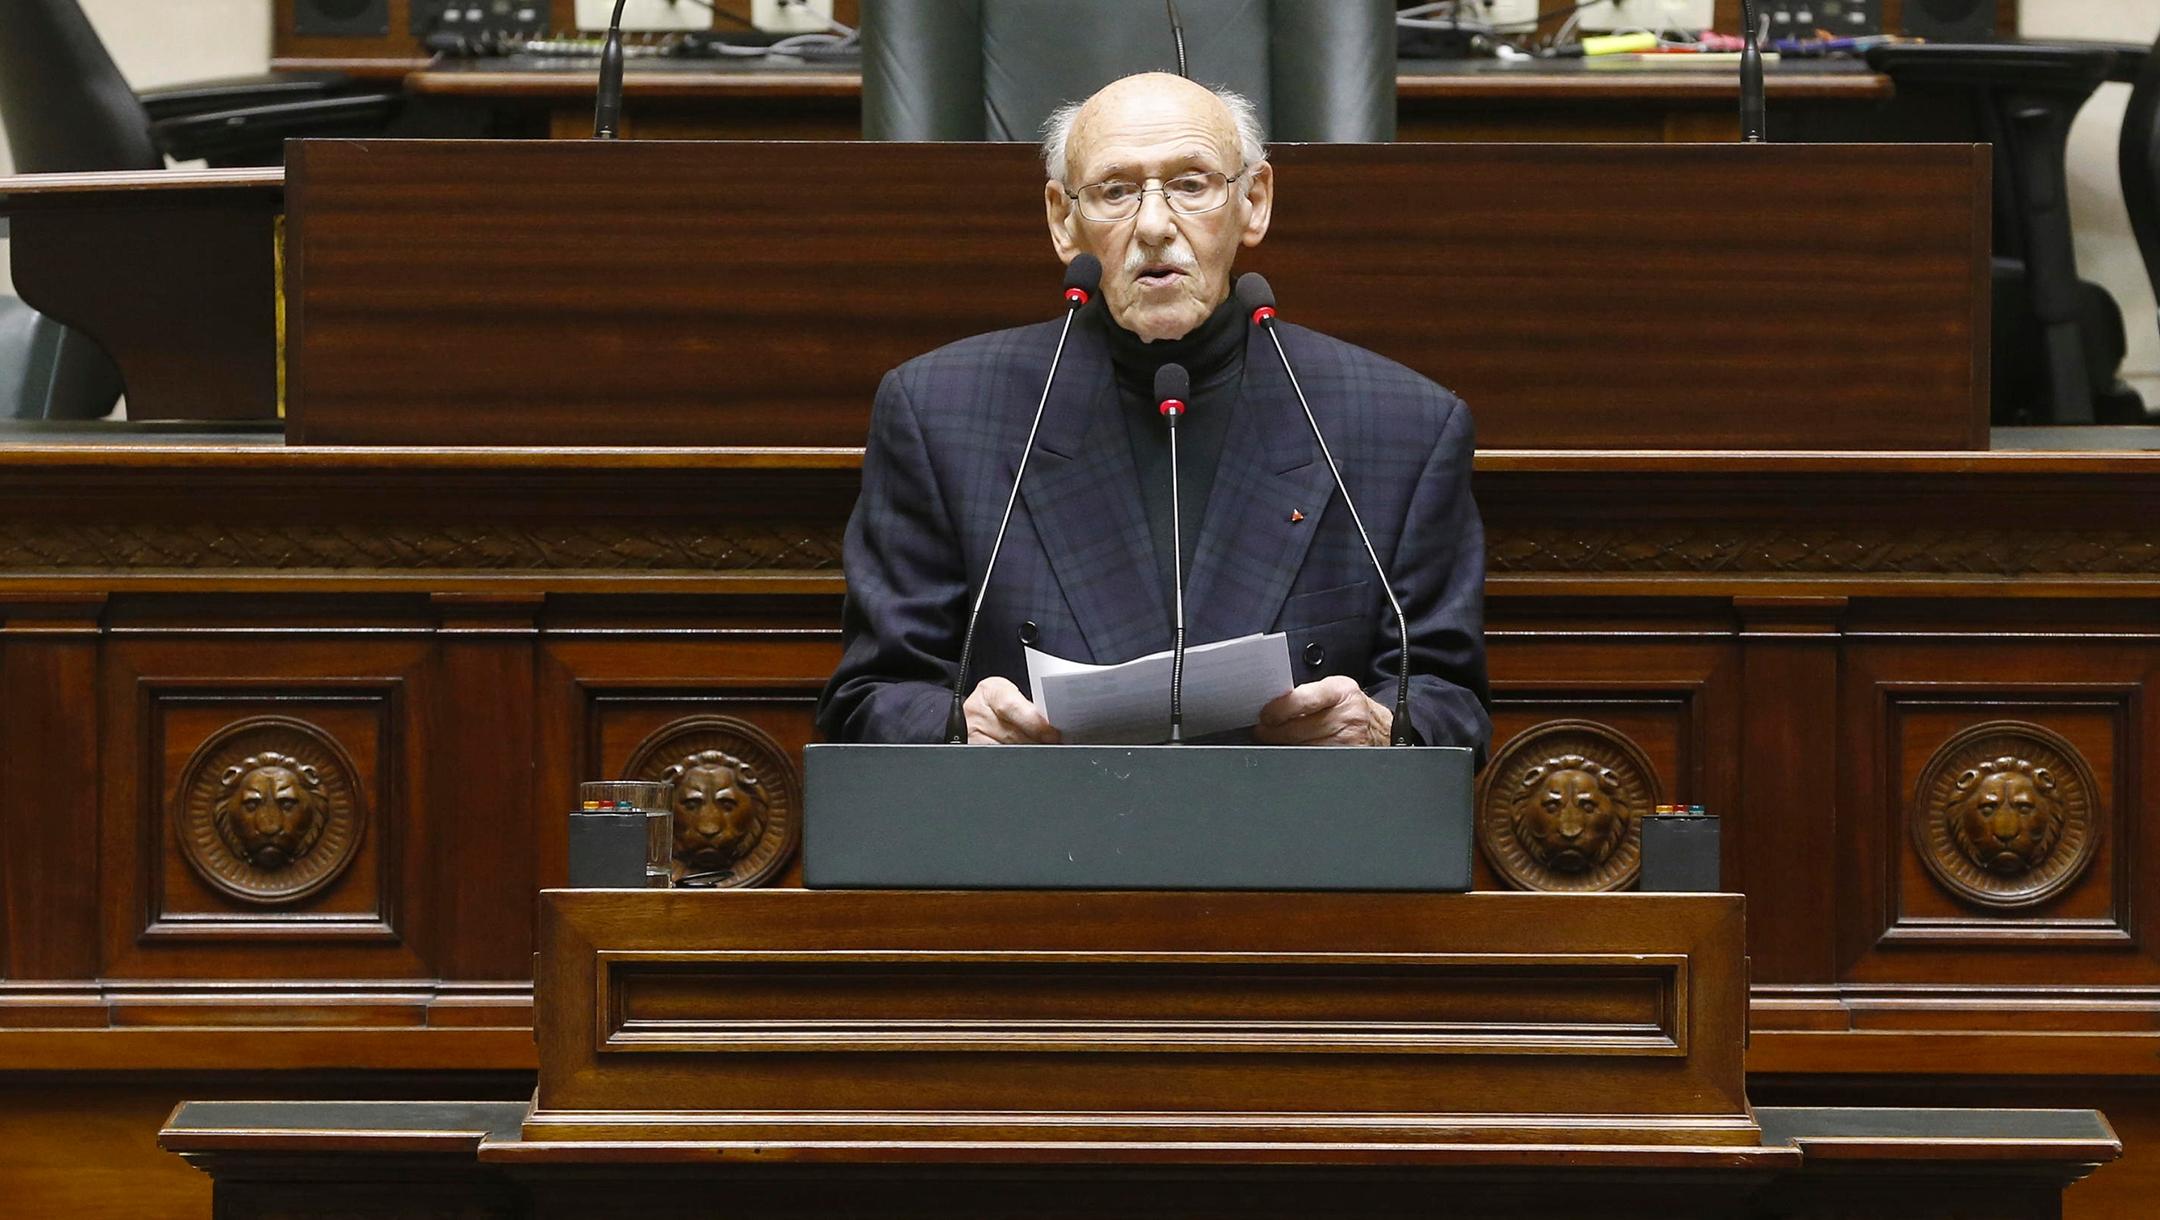 Paul Sobol speaks at the Federal Parliament in Brussels, Belgium on January 23, 2018(Nicolas Maeterlinck/AFP via Getty Images)